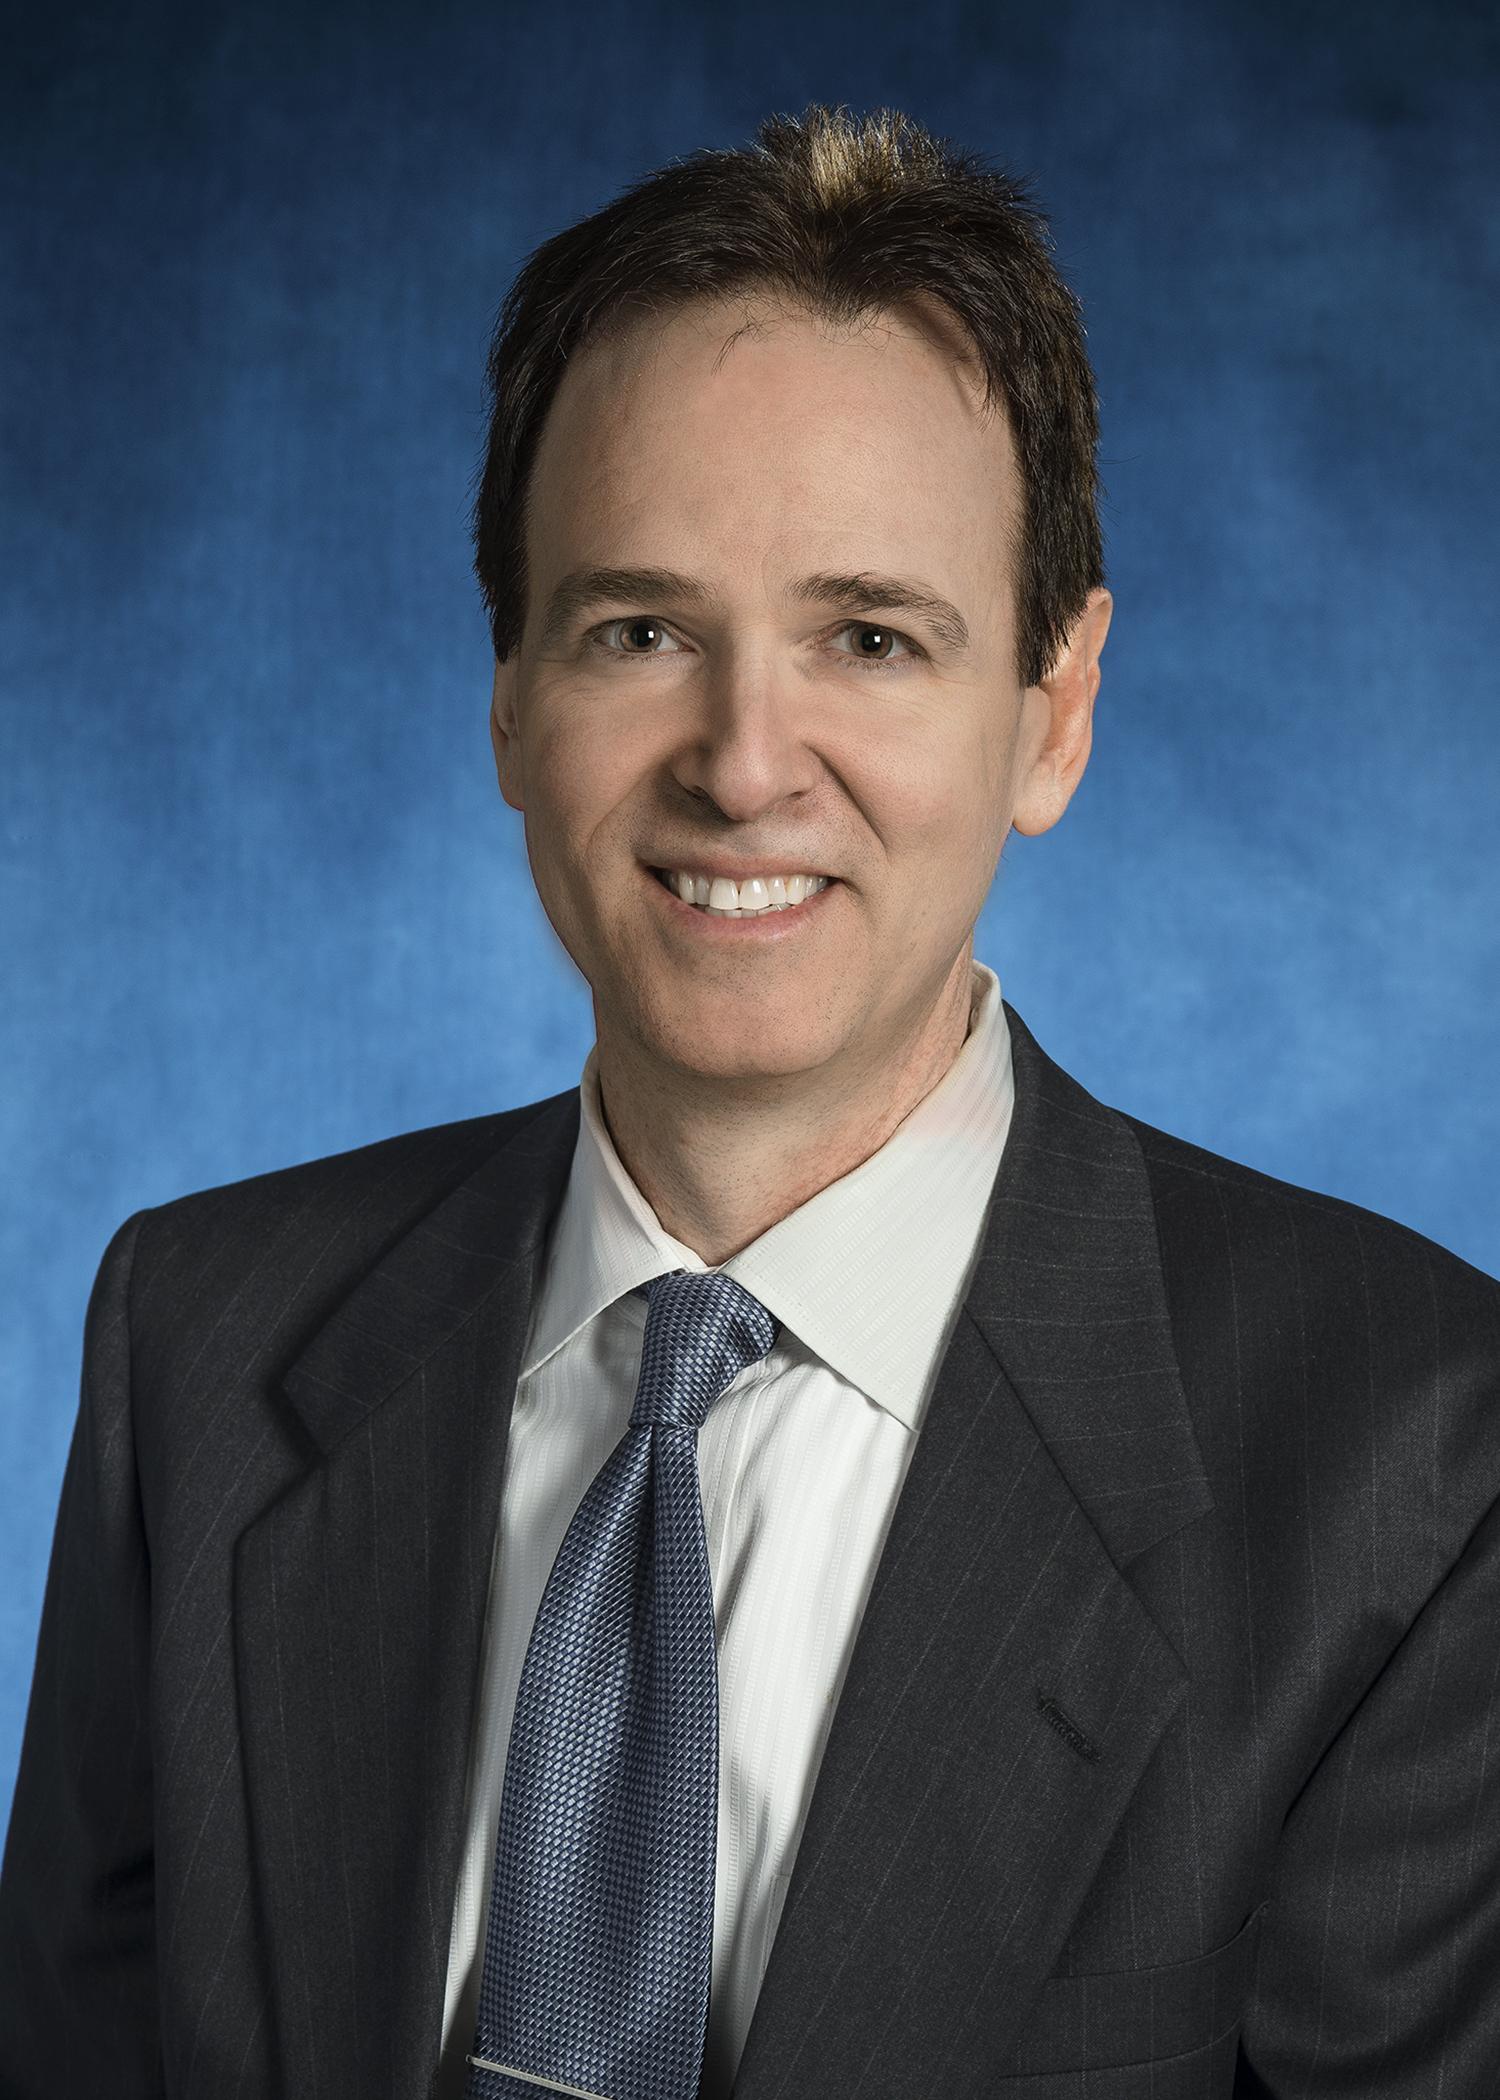 Dr. Martin Pomper